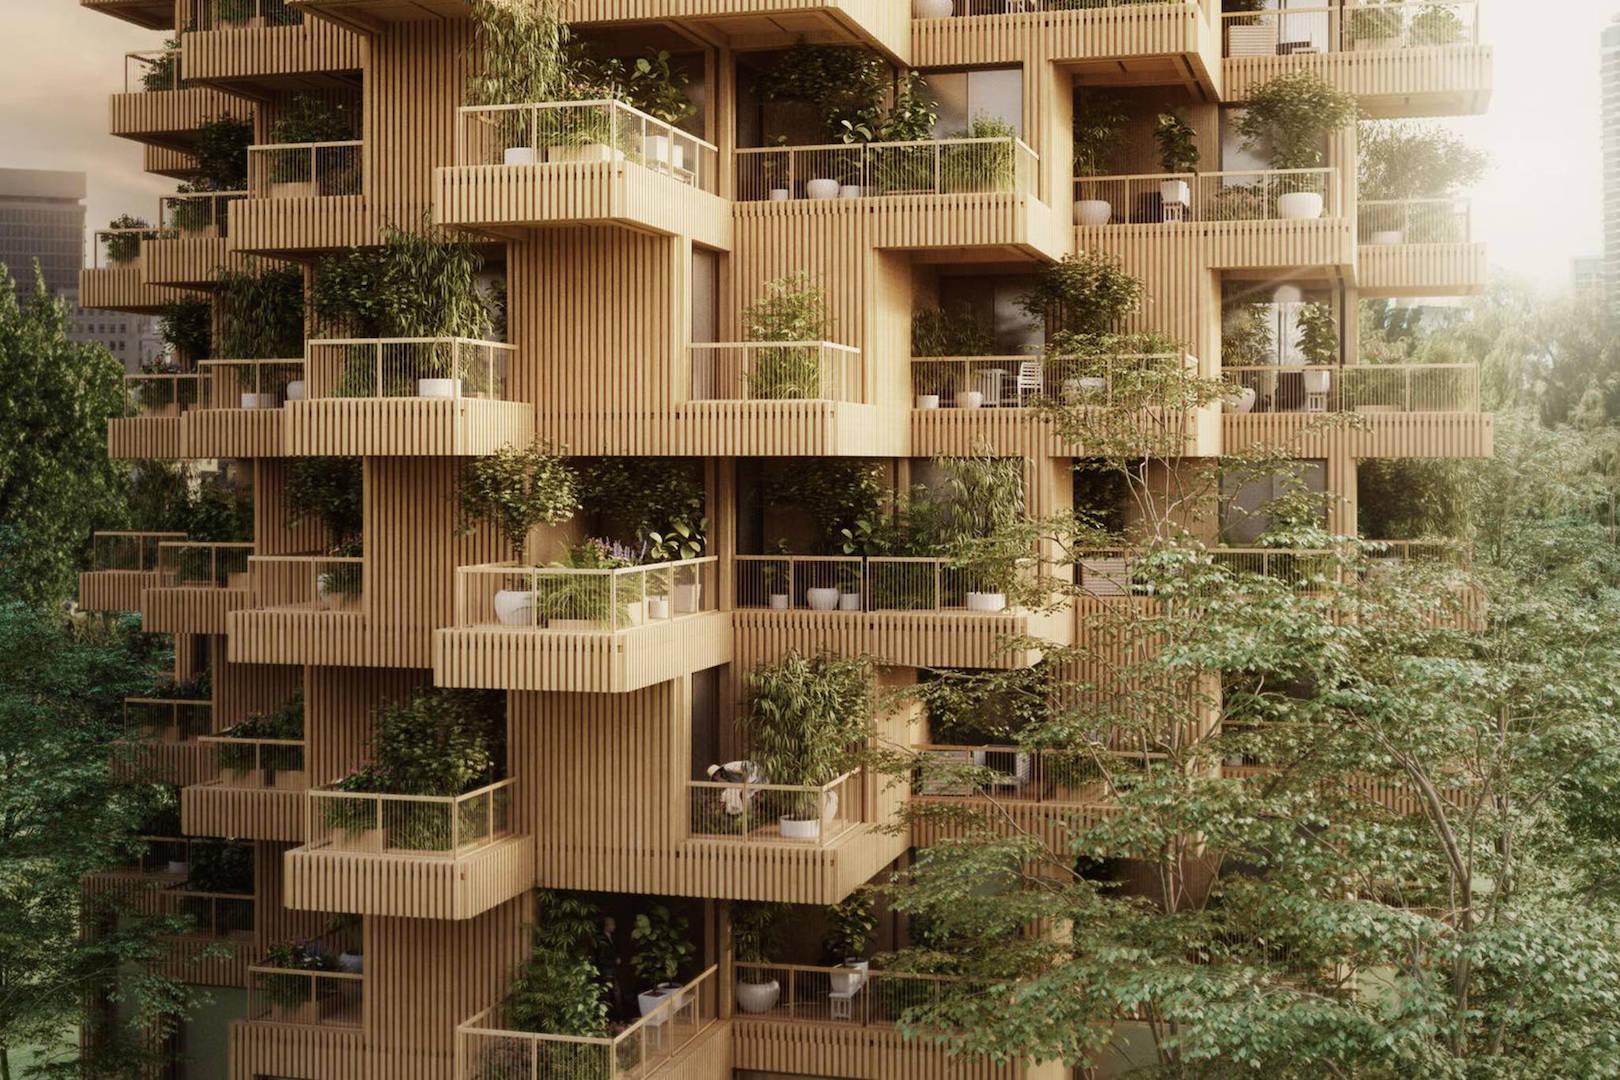 Architettura Sostenibile Architetti architettura in legno: un futuro sostenibile dell'abitare?